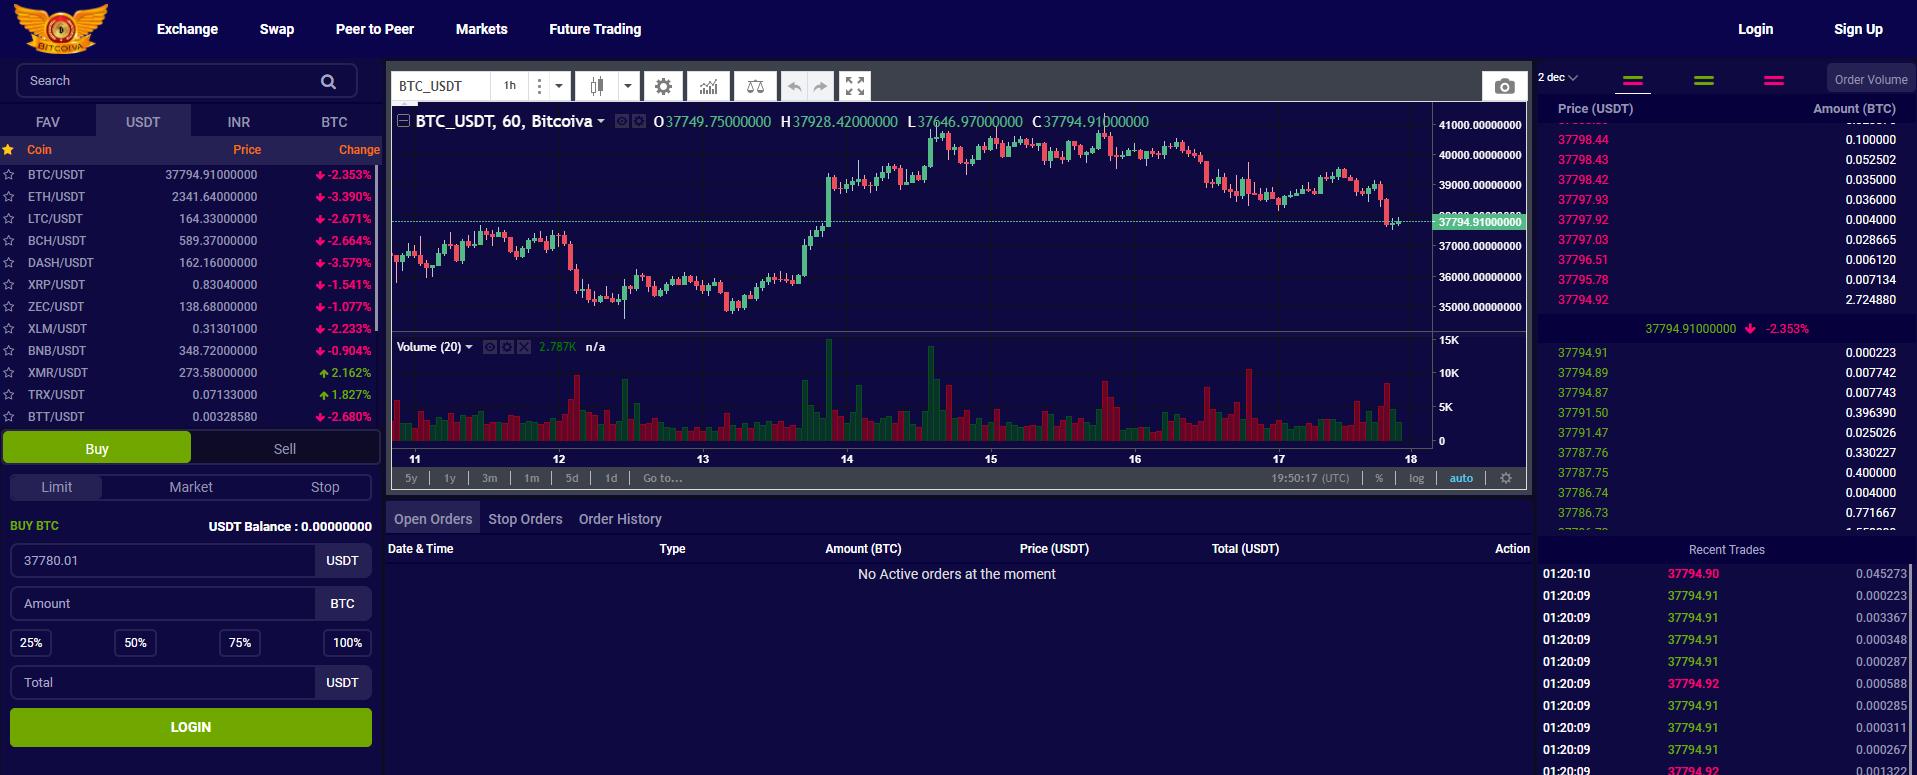 Bitcoiva Trading View